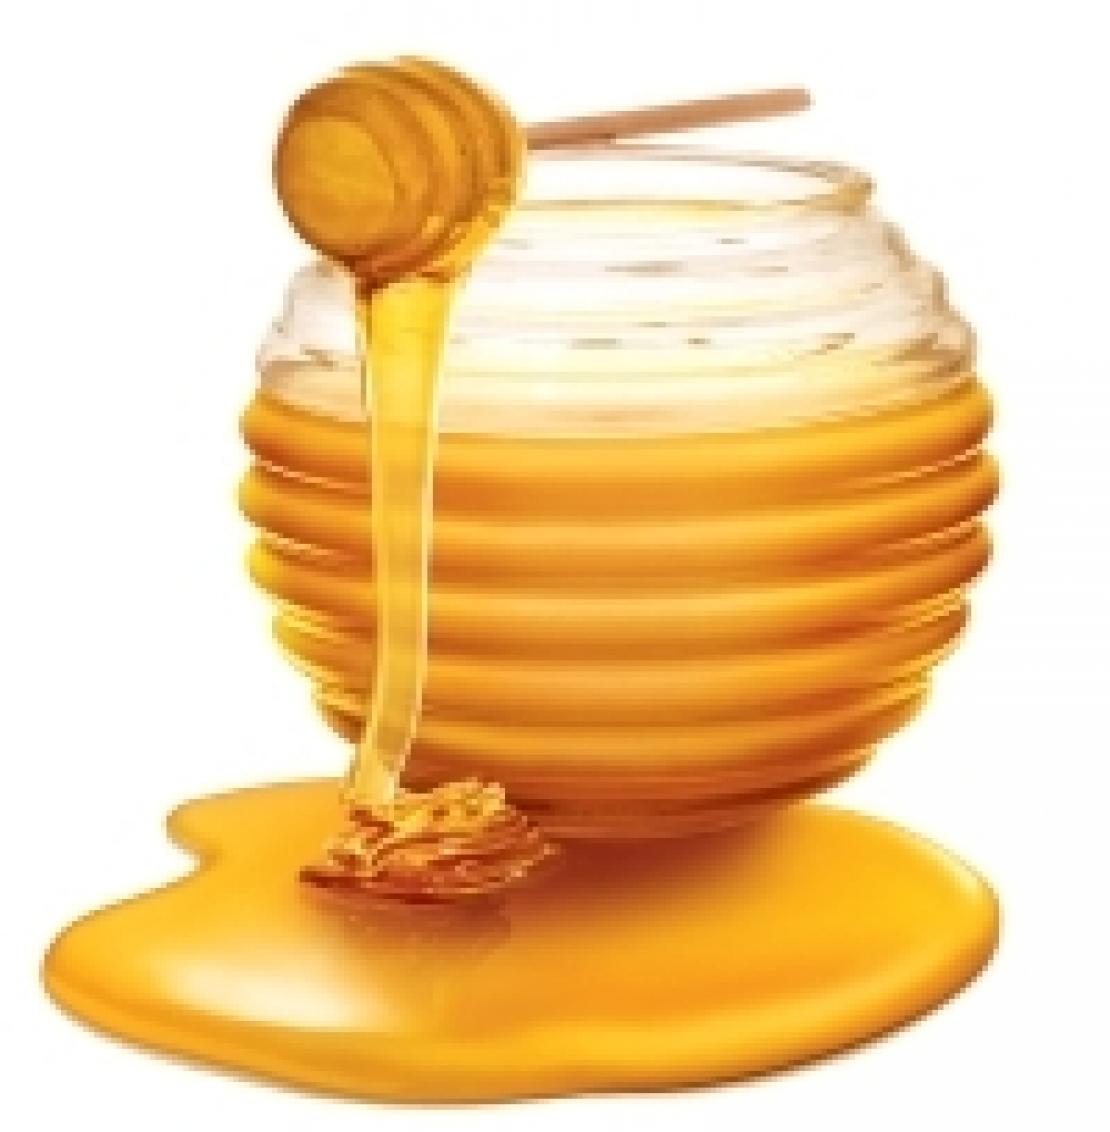 Il miele non va solo mangiato, va degustato